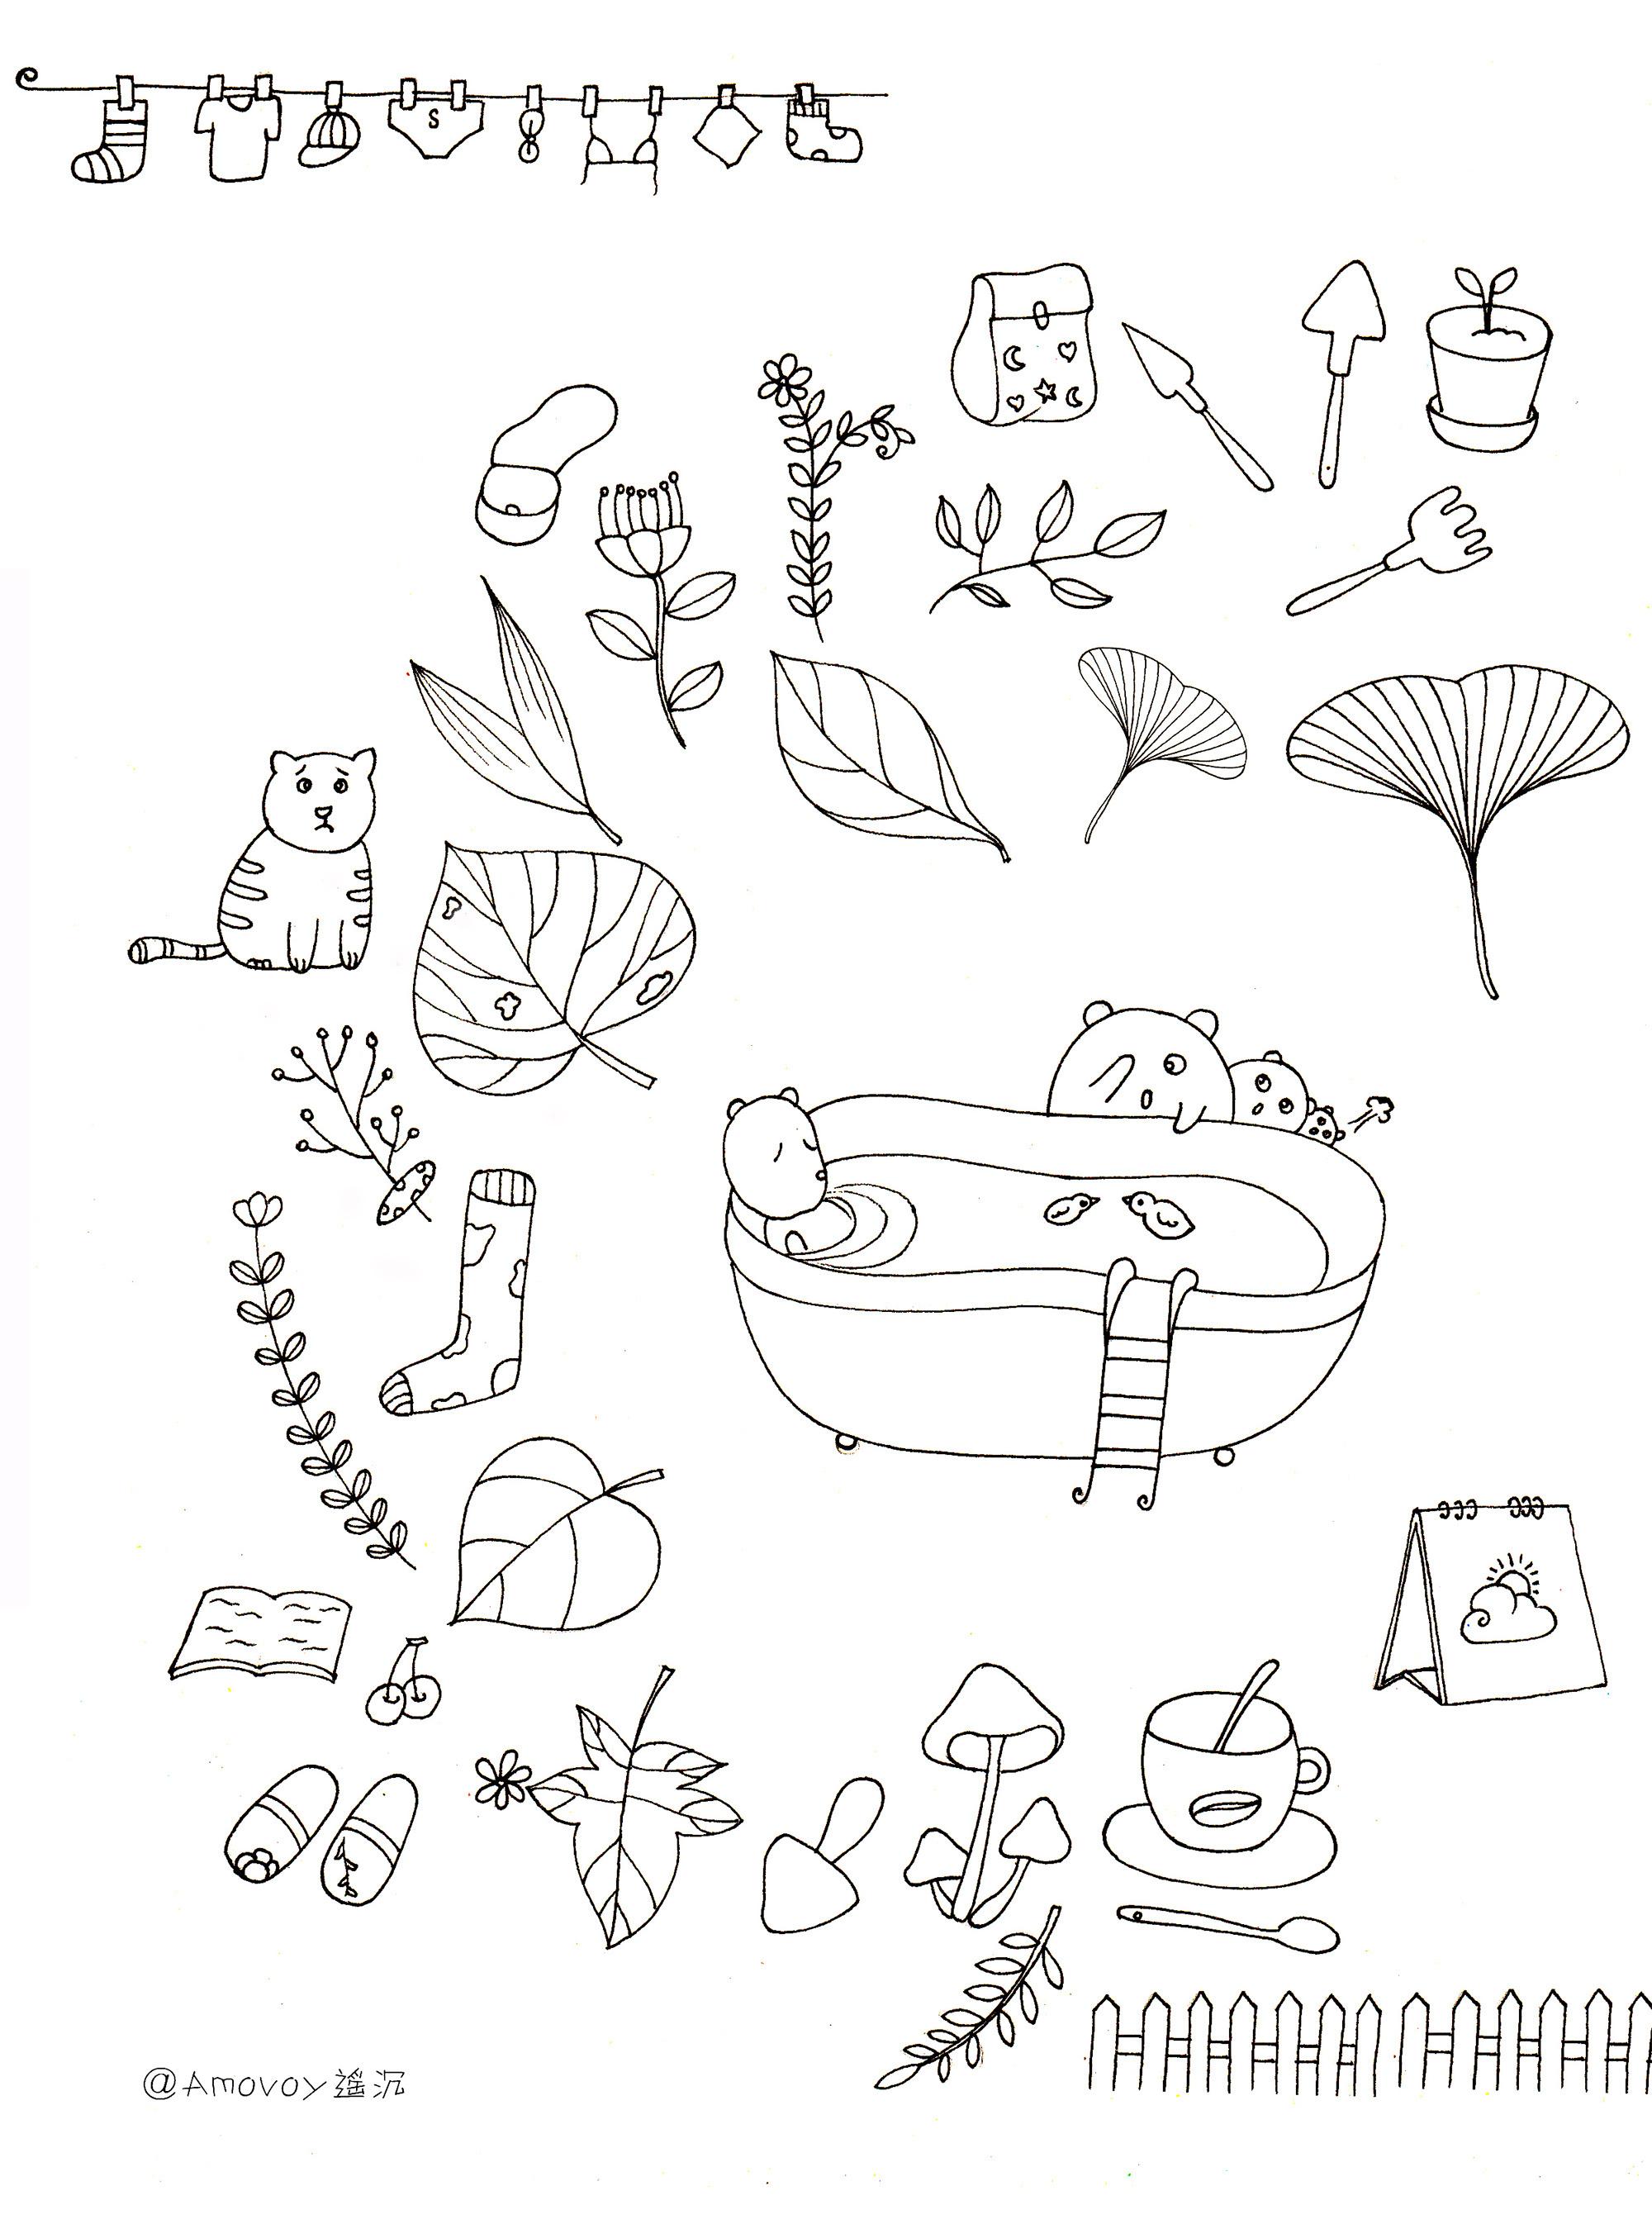 简笔画 设计 矢量 矢量图 手绘 素材 线稿 2000_2692 竖版 竖屏